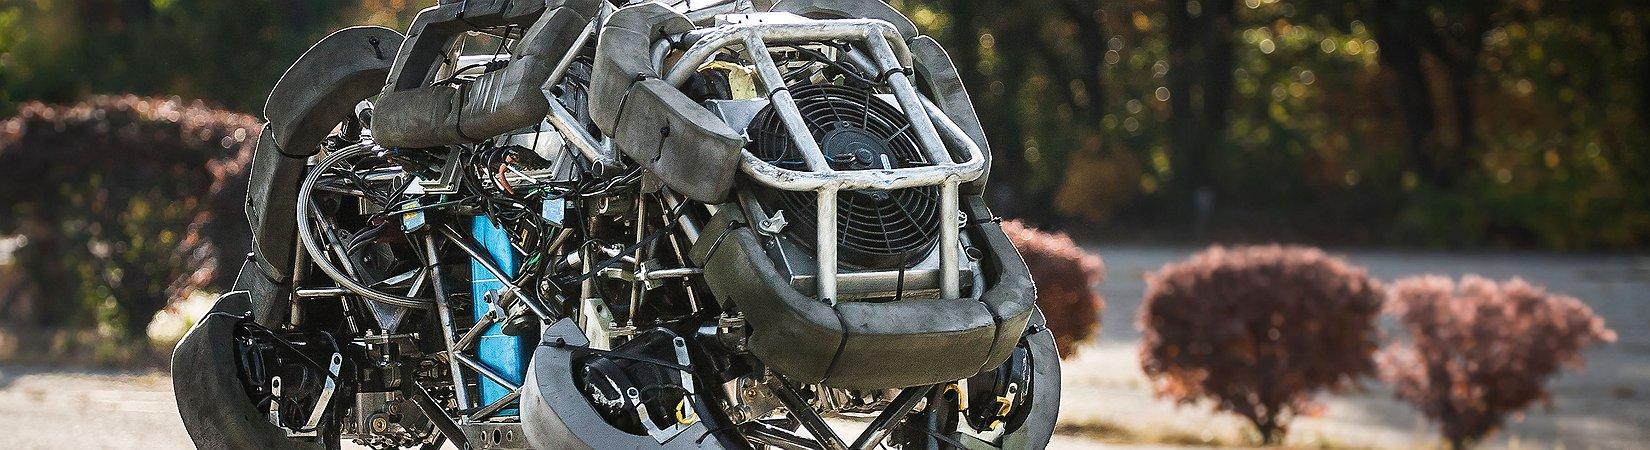 شركة SoftBank تشتري منتج الروبوتات Boston Dynamics